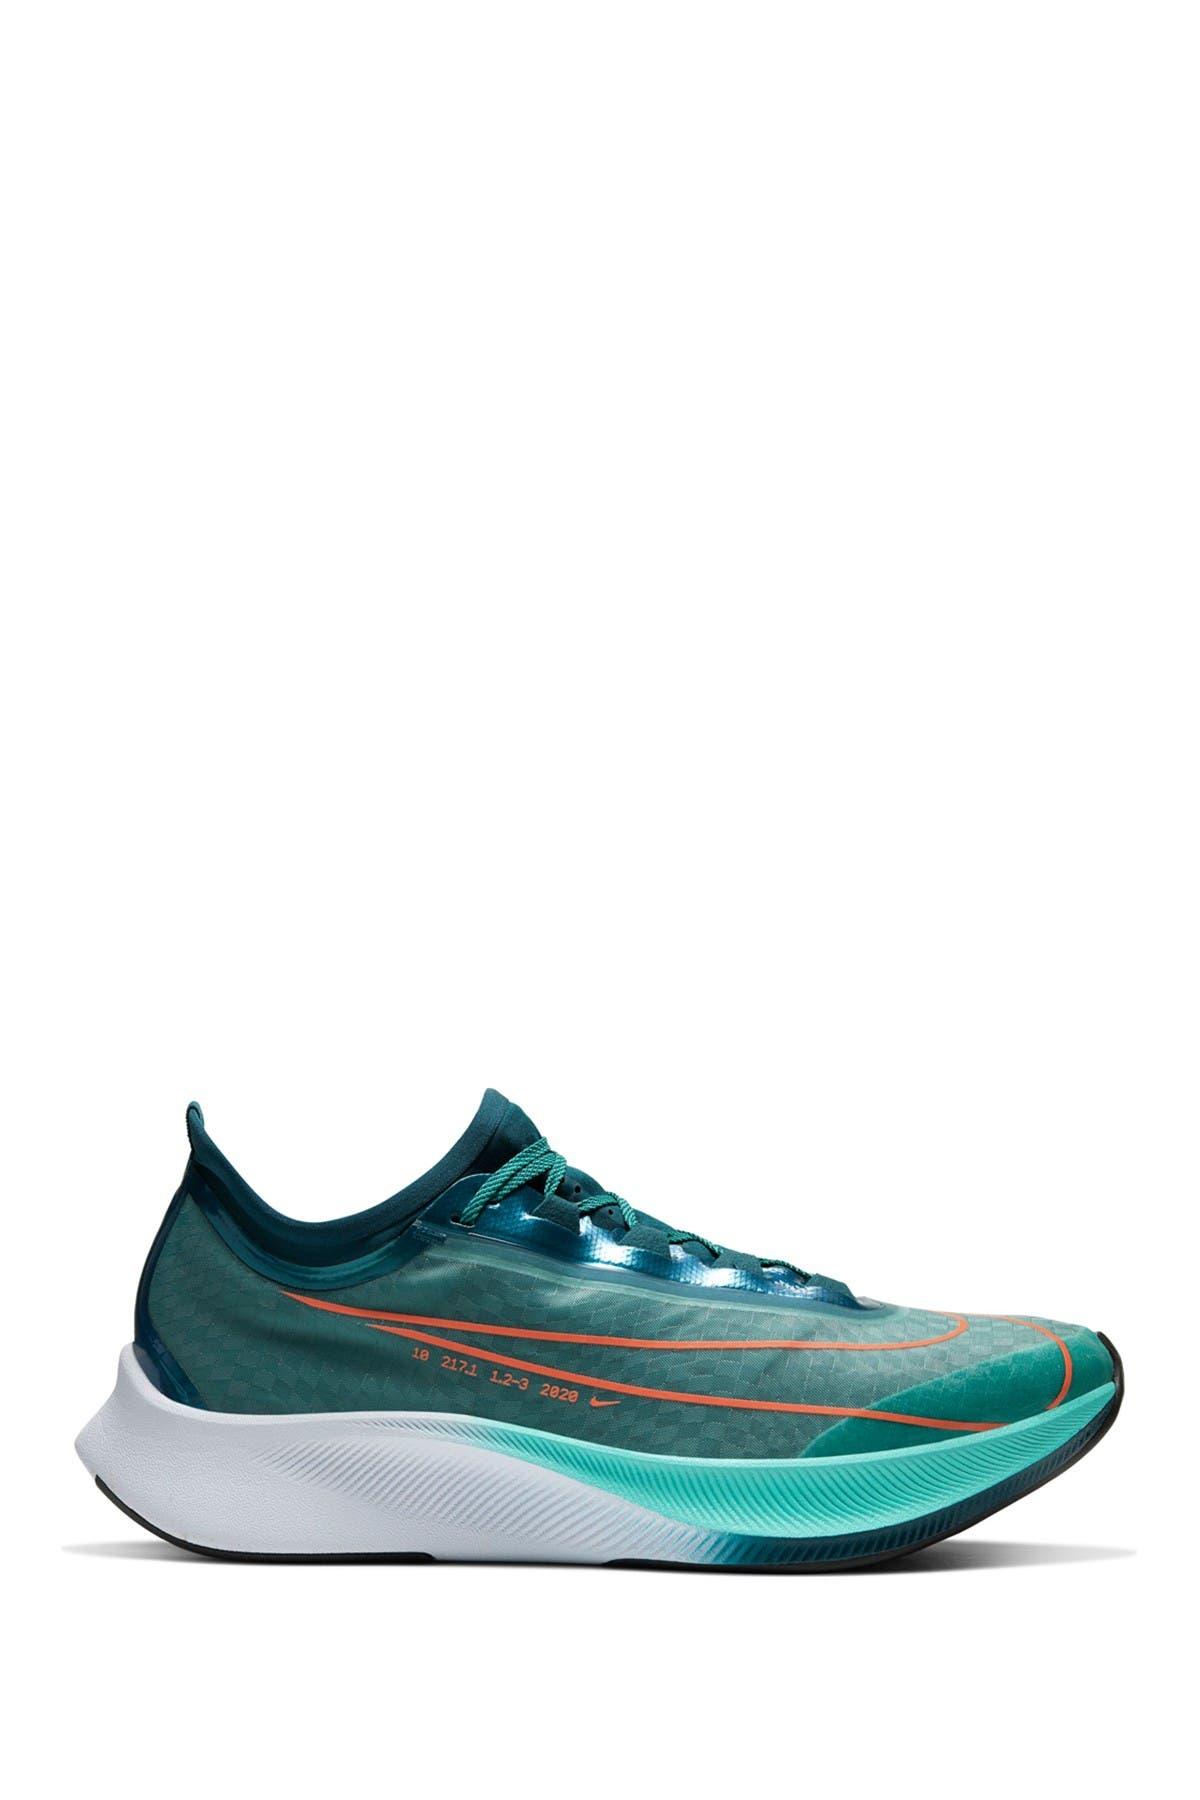 Nike | Zoom Fly 3 Premium, Men's Running Shoe | Nordstrom Rack